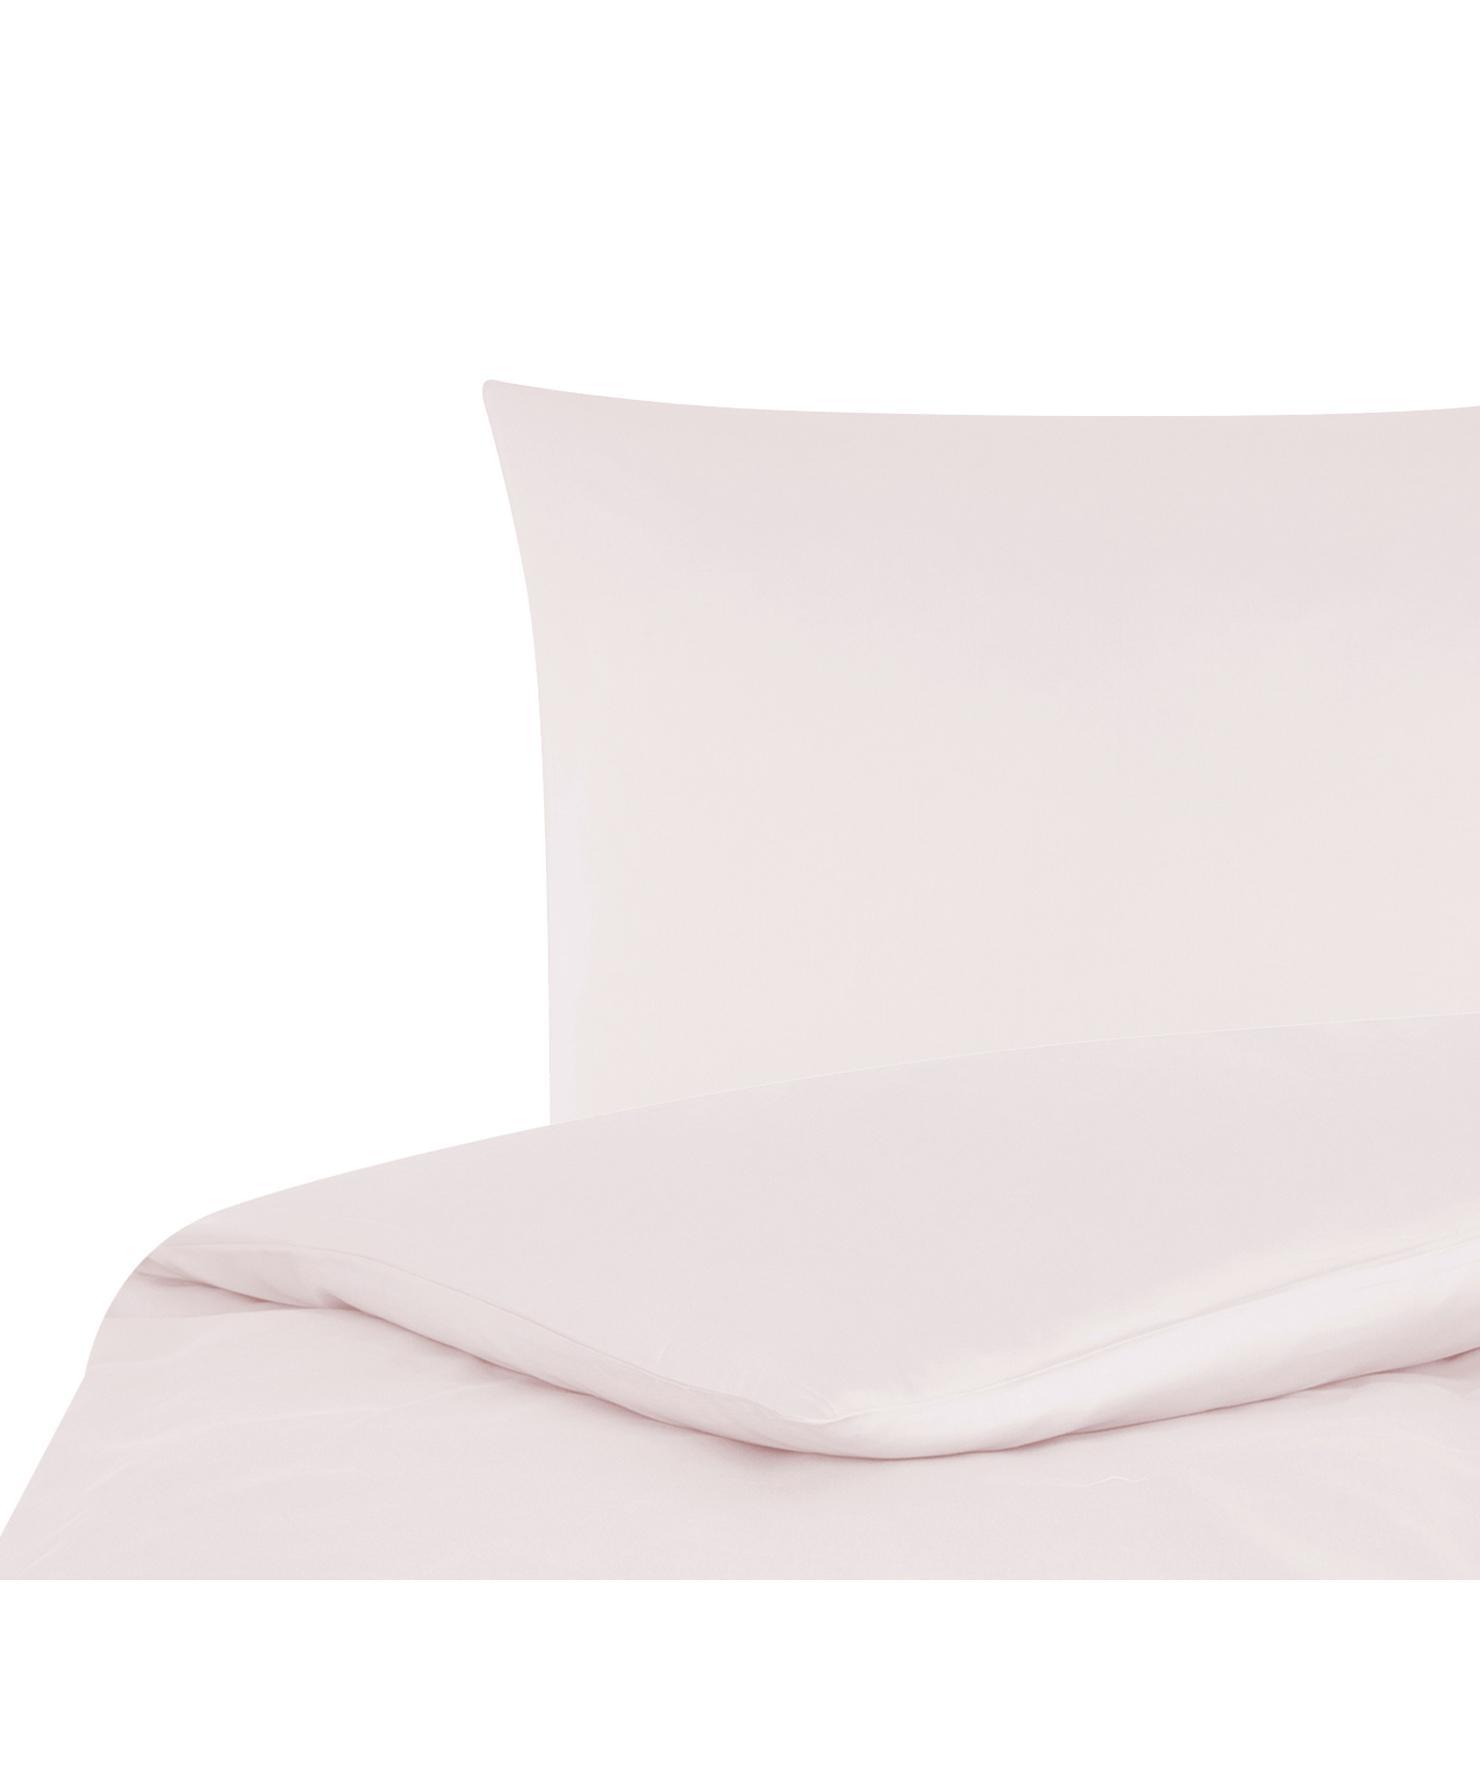 Katoensatijnen dekbedovertrek Comfort, Weeftechniek: satijn, licht glanzend, Roze, 140 x 200 cm